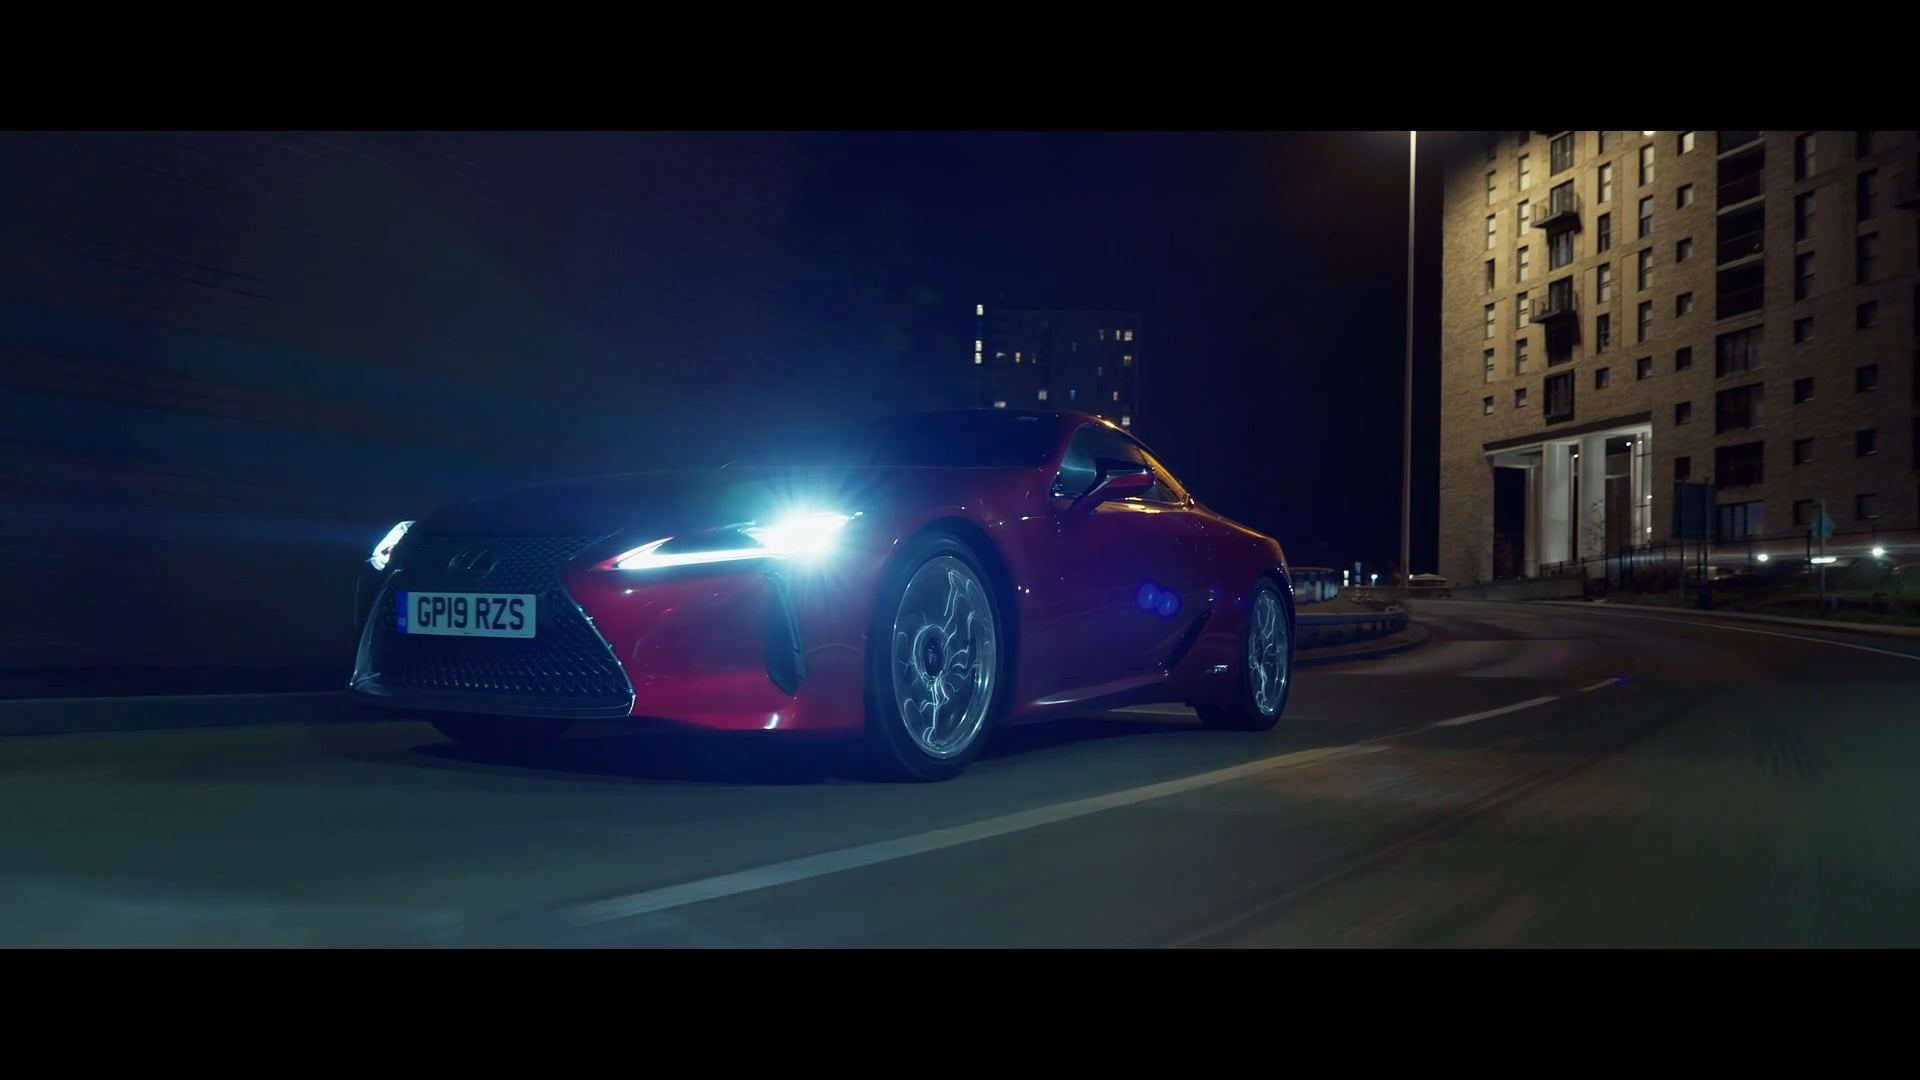 Night Shift For Panasonic UK